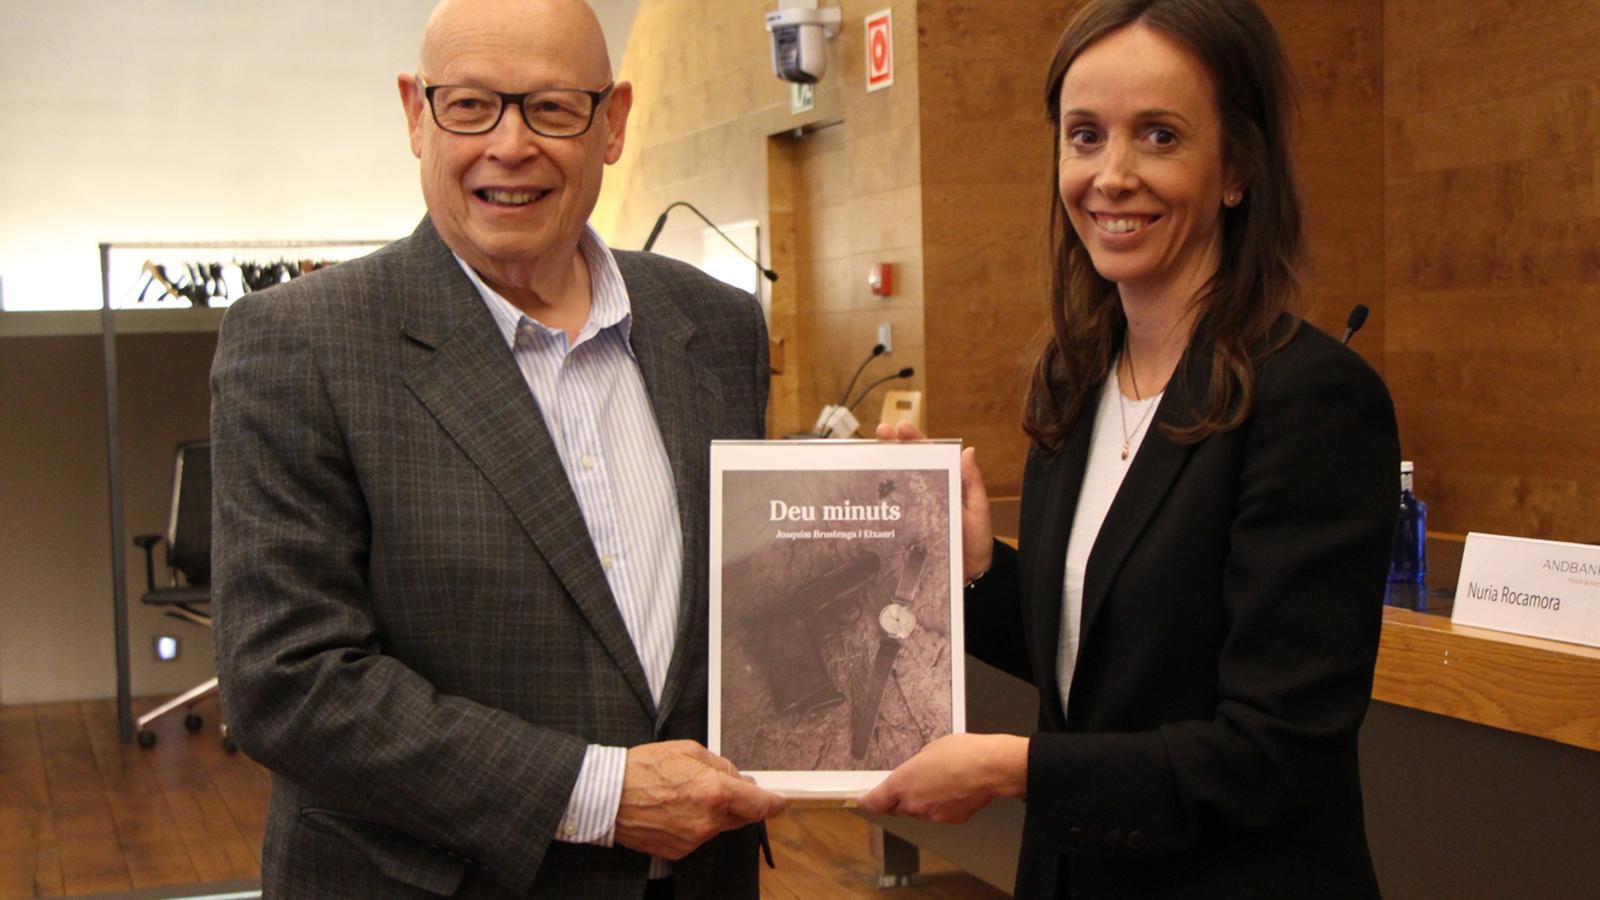 L'escriptor Joaquim Brustenga, i la directora de màrqueting global d'Andbank, Núria Rocamora, moments previs a la presentació de la novel·la. / M. P. (ANA)